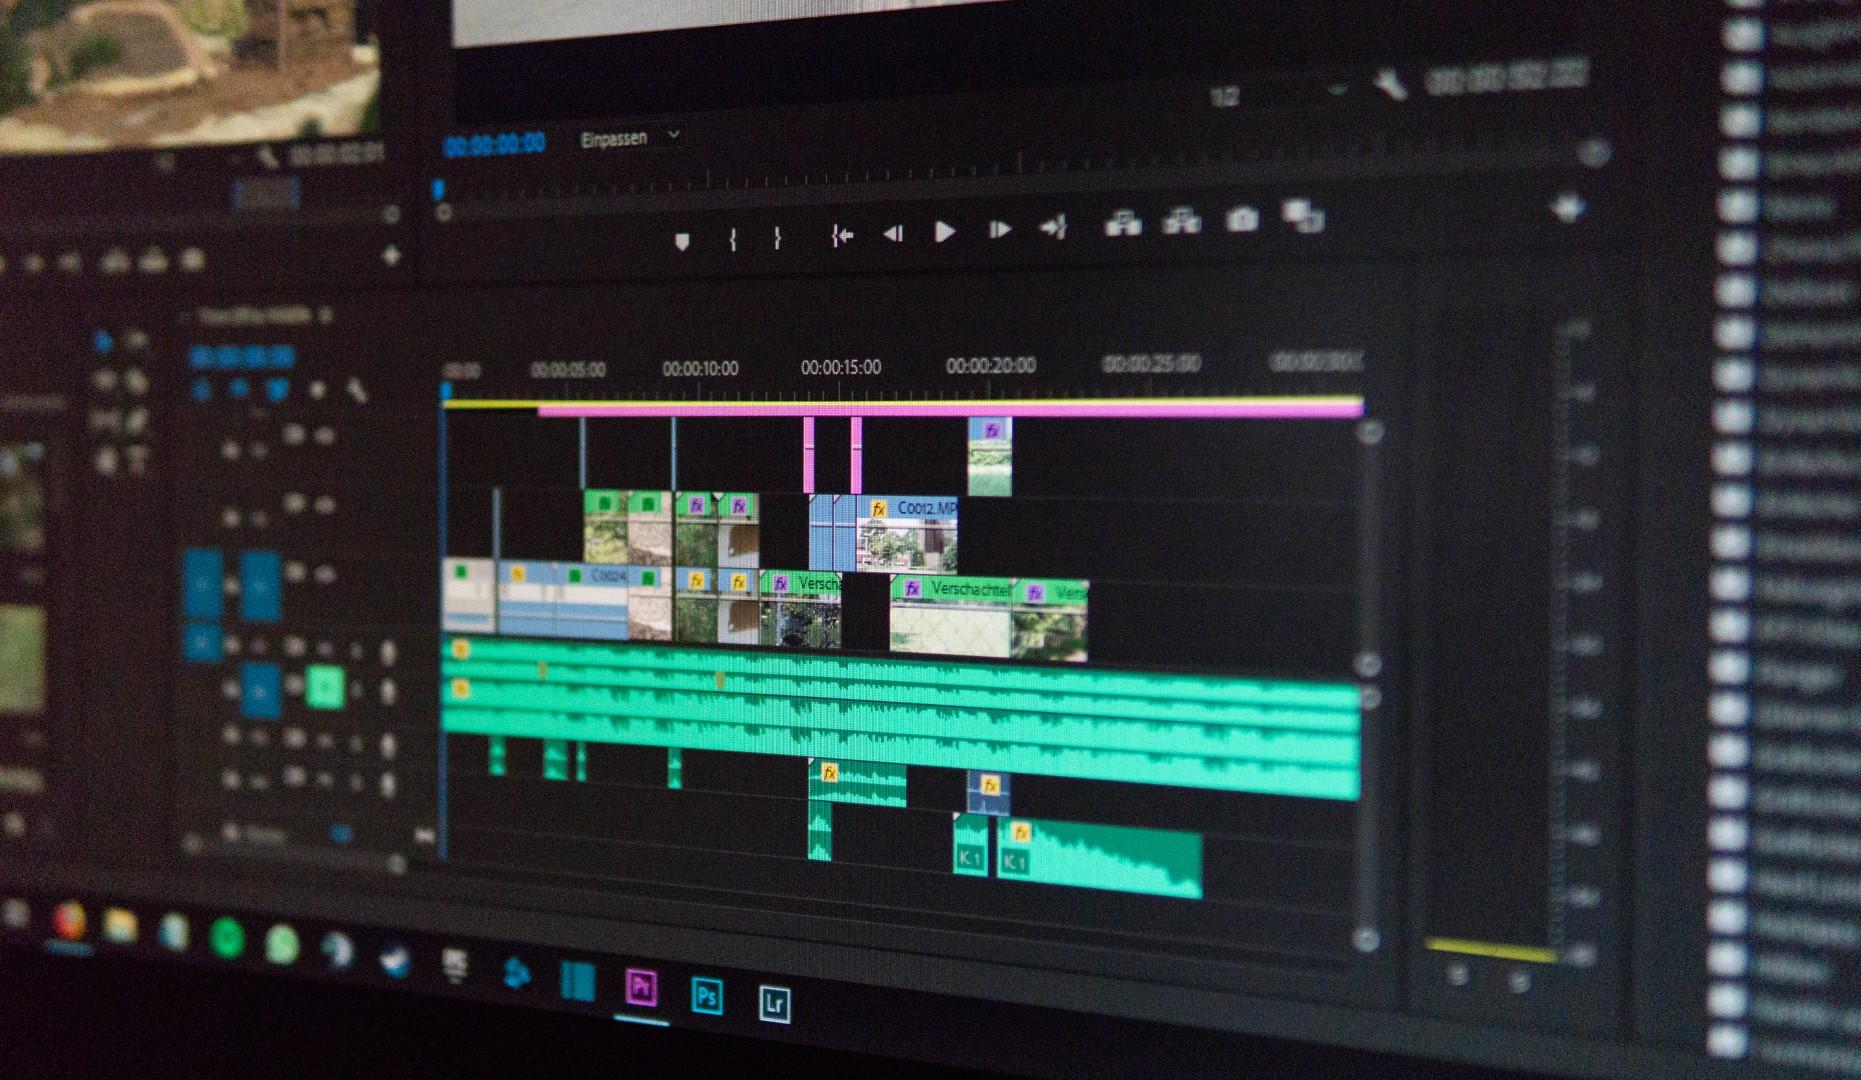 Bildschirmfoto von Premiere Pro Schnittprogramm und der Timeline